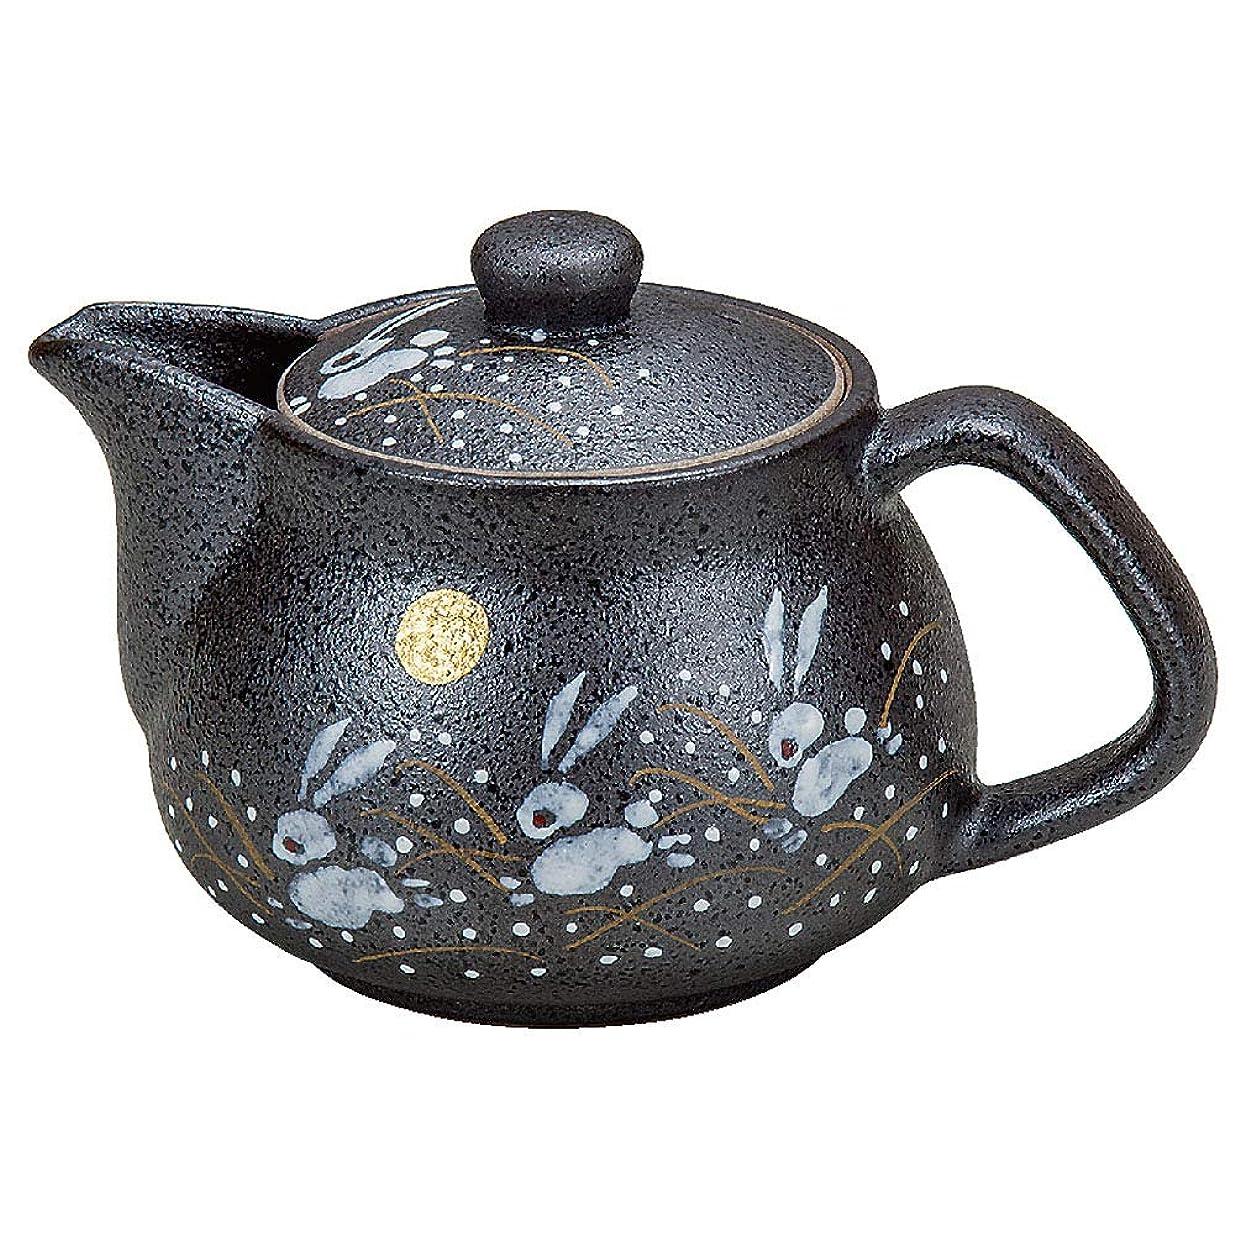 写真を撮る葉を集める磁石九谷焼 陶器 急須ポット はねうさぎ(茶こし付き) AK3-0584